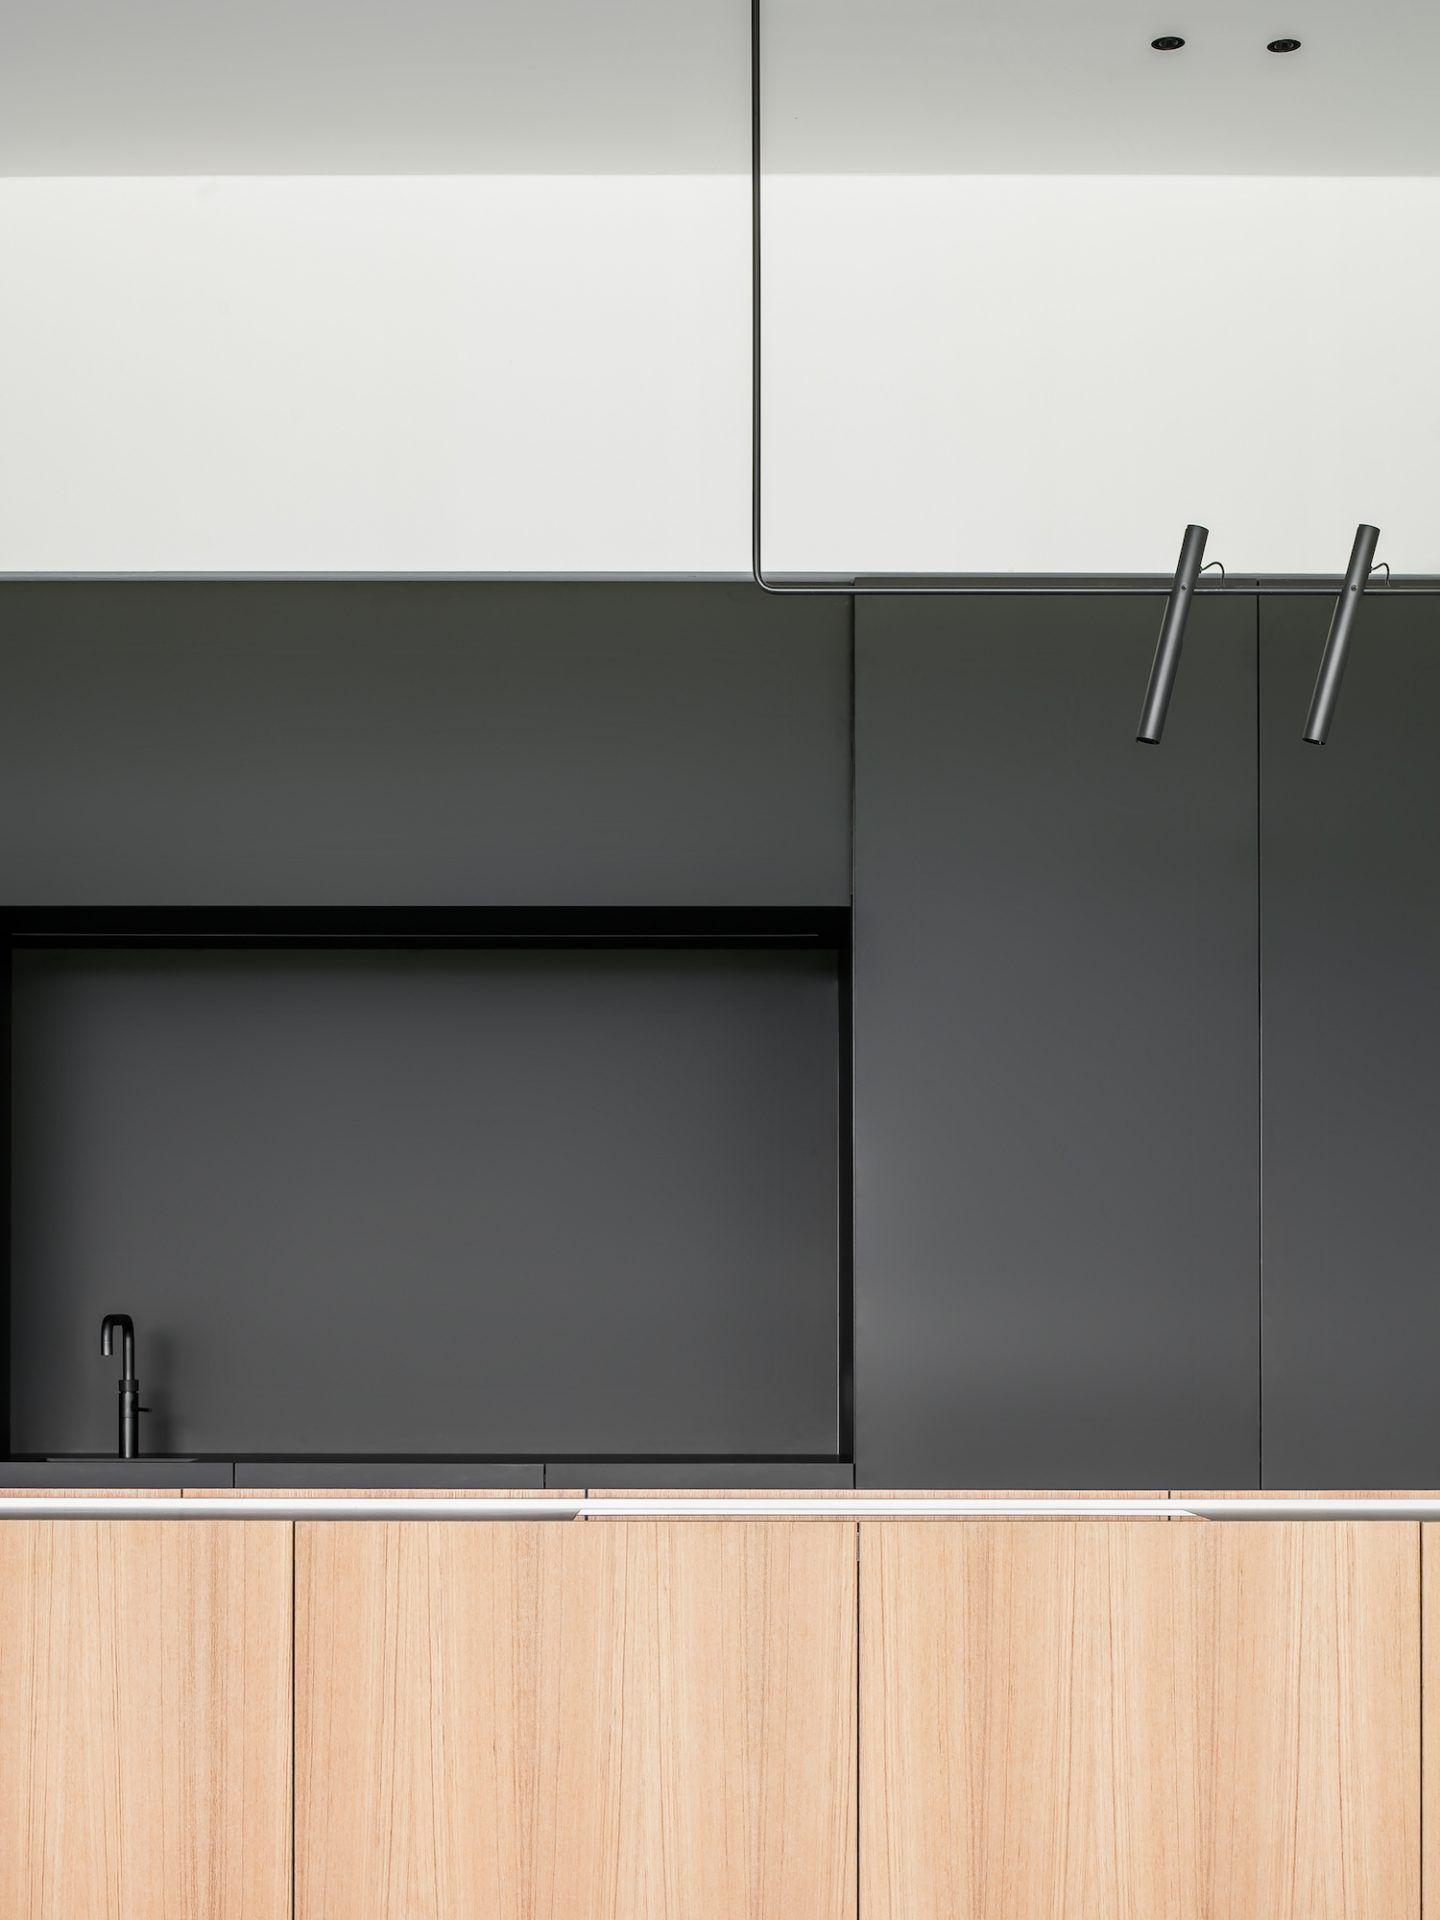 IGNANT-Architecture-Niels-Maier-Oblique-House-03